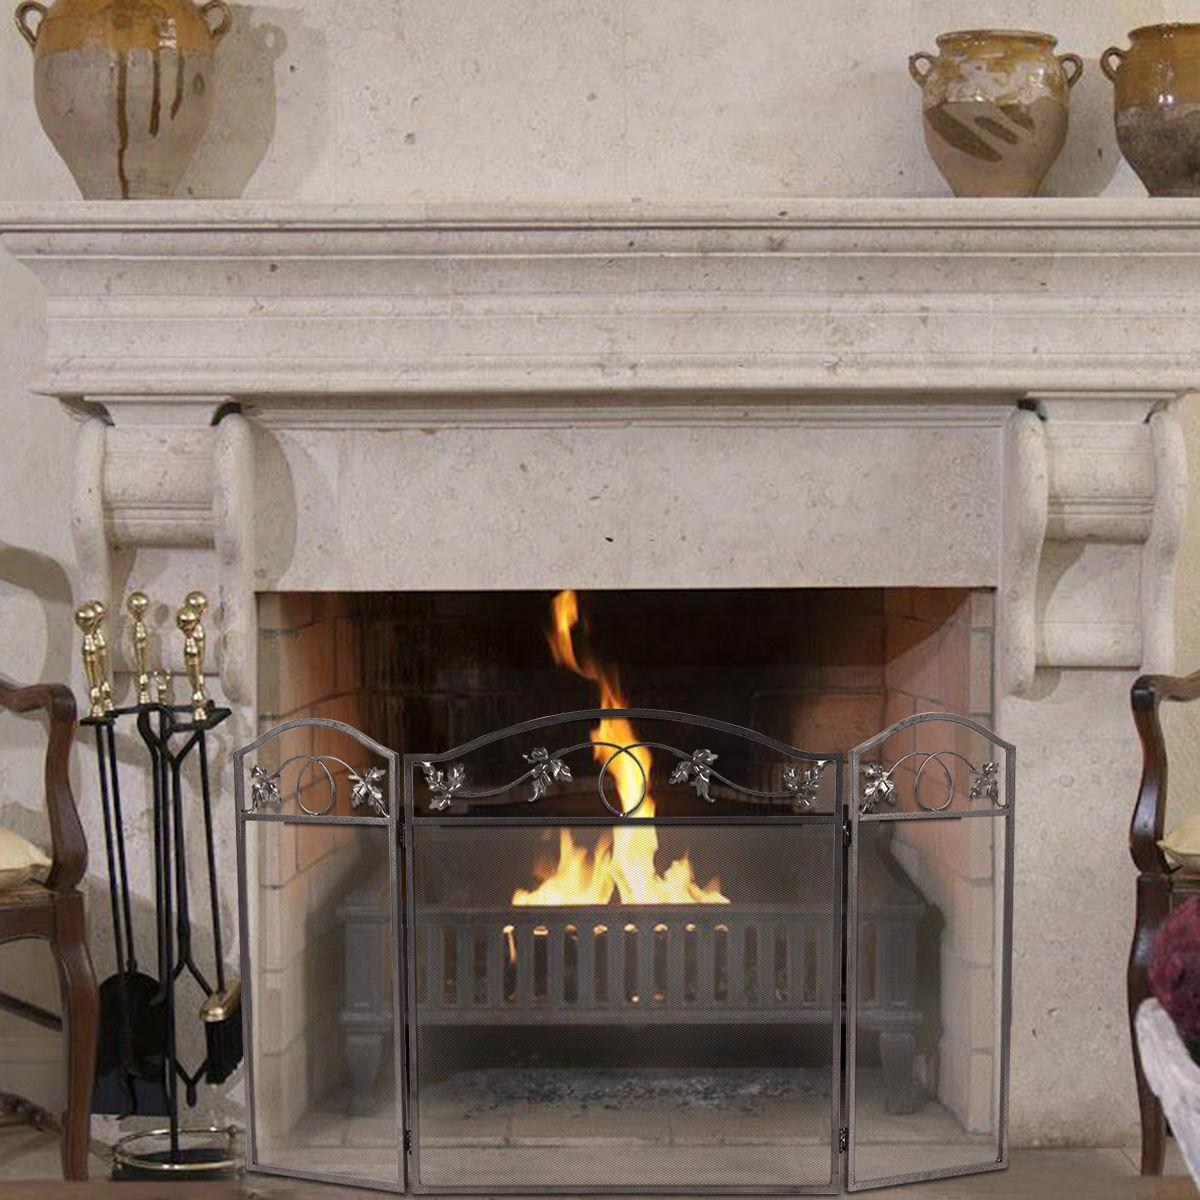 Folding Steel Fireplace Screen Doors 3 Panel Heavy Duty Home